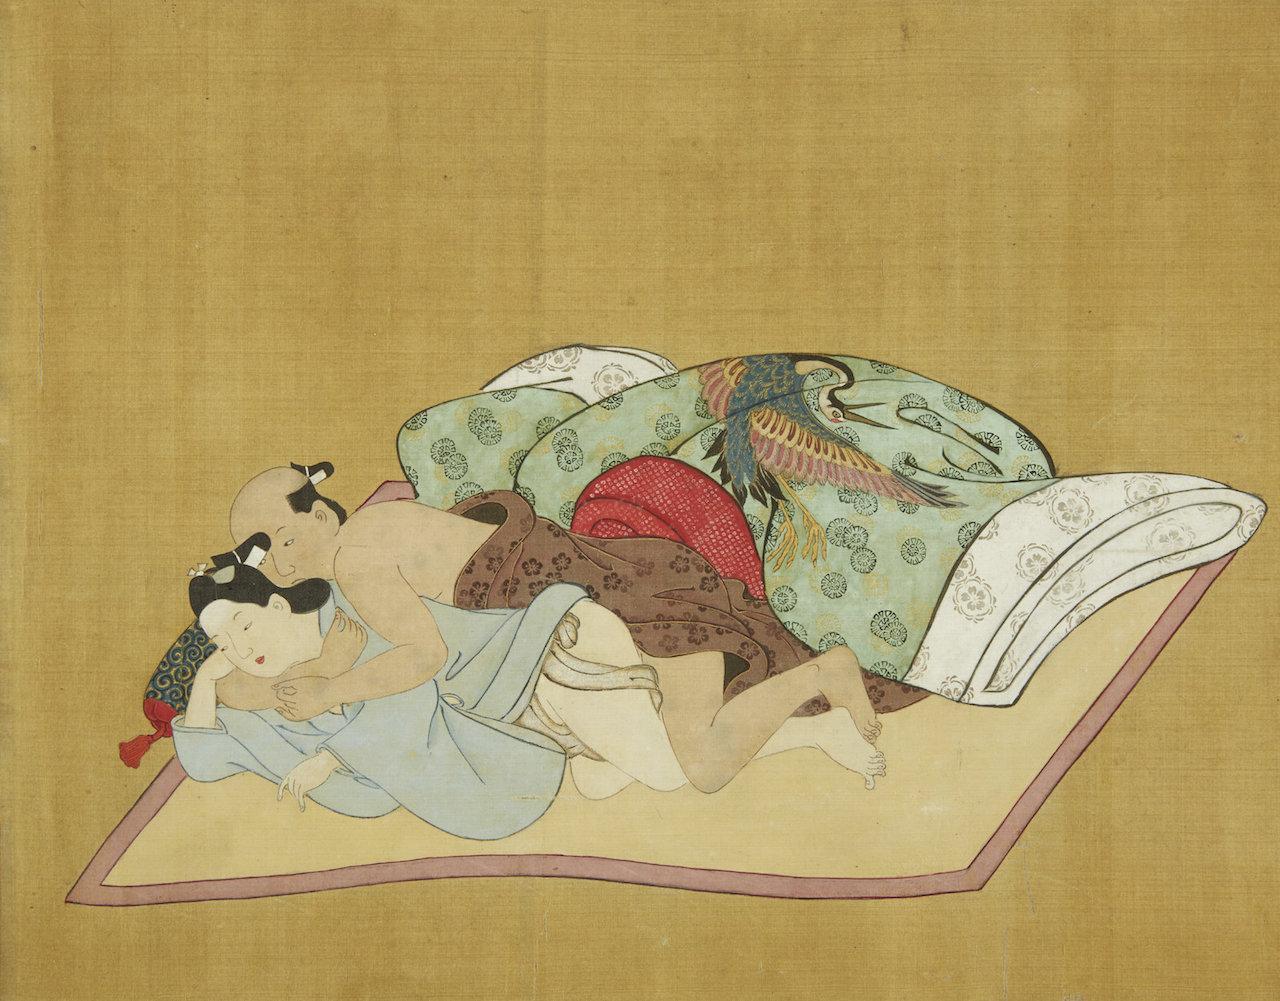 3 Miyagawa Choshun (1683-1753) - A Rare and Important Nanshoku (Male-Male) Shunga Handscroll